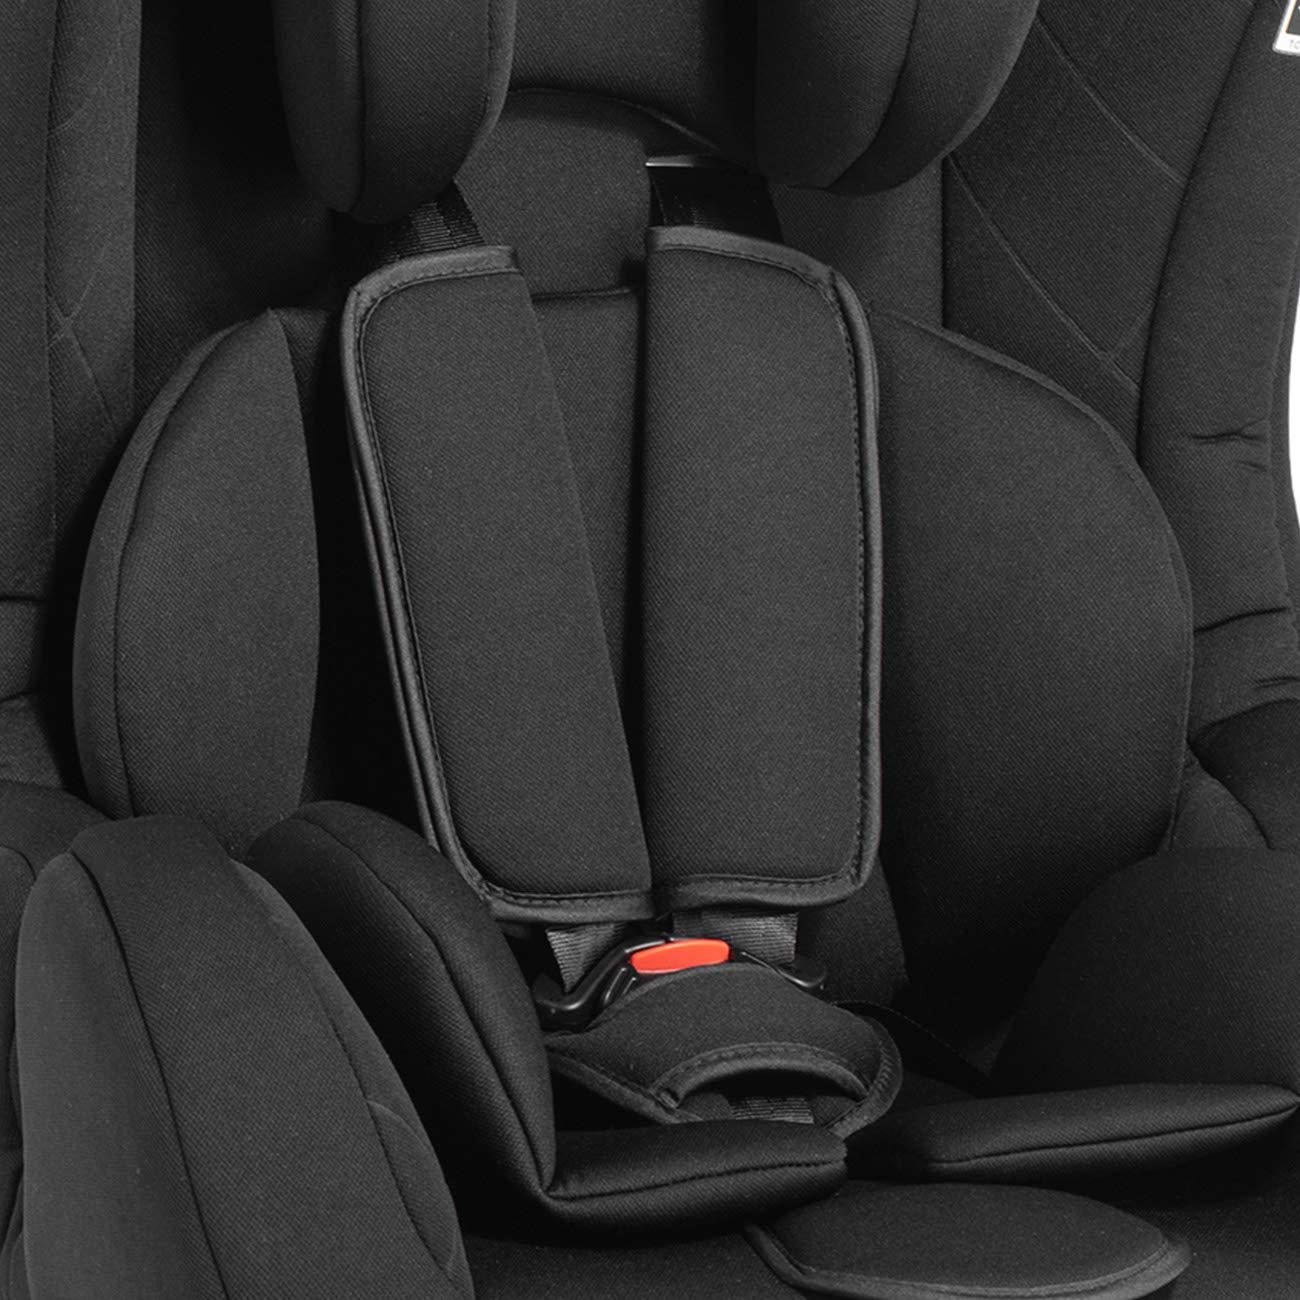 Baby Vivo Kinderautositz mit ISOFIX BEN Autokindersitz Autositz Kindersitz TOM von 9-36 kg f/ür Gruppe 1+2+3 mitwachsend ab 12 Monate bis 12 Jahre in Schwarz